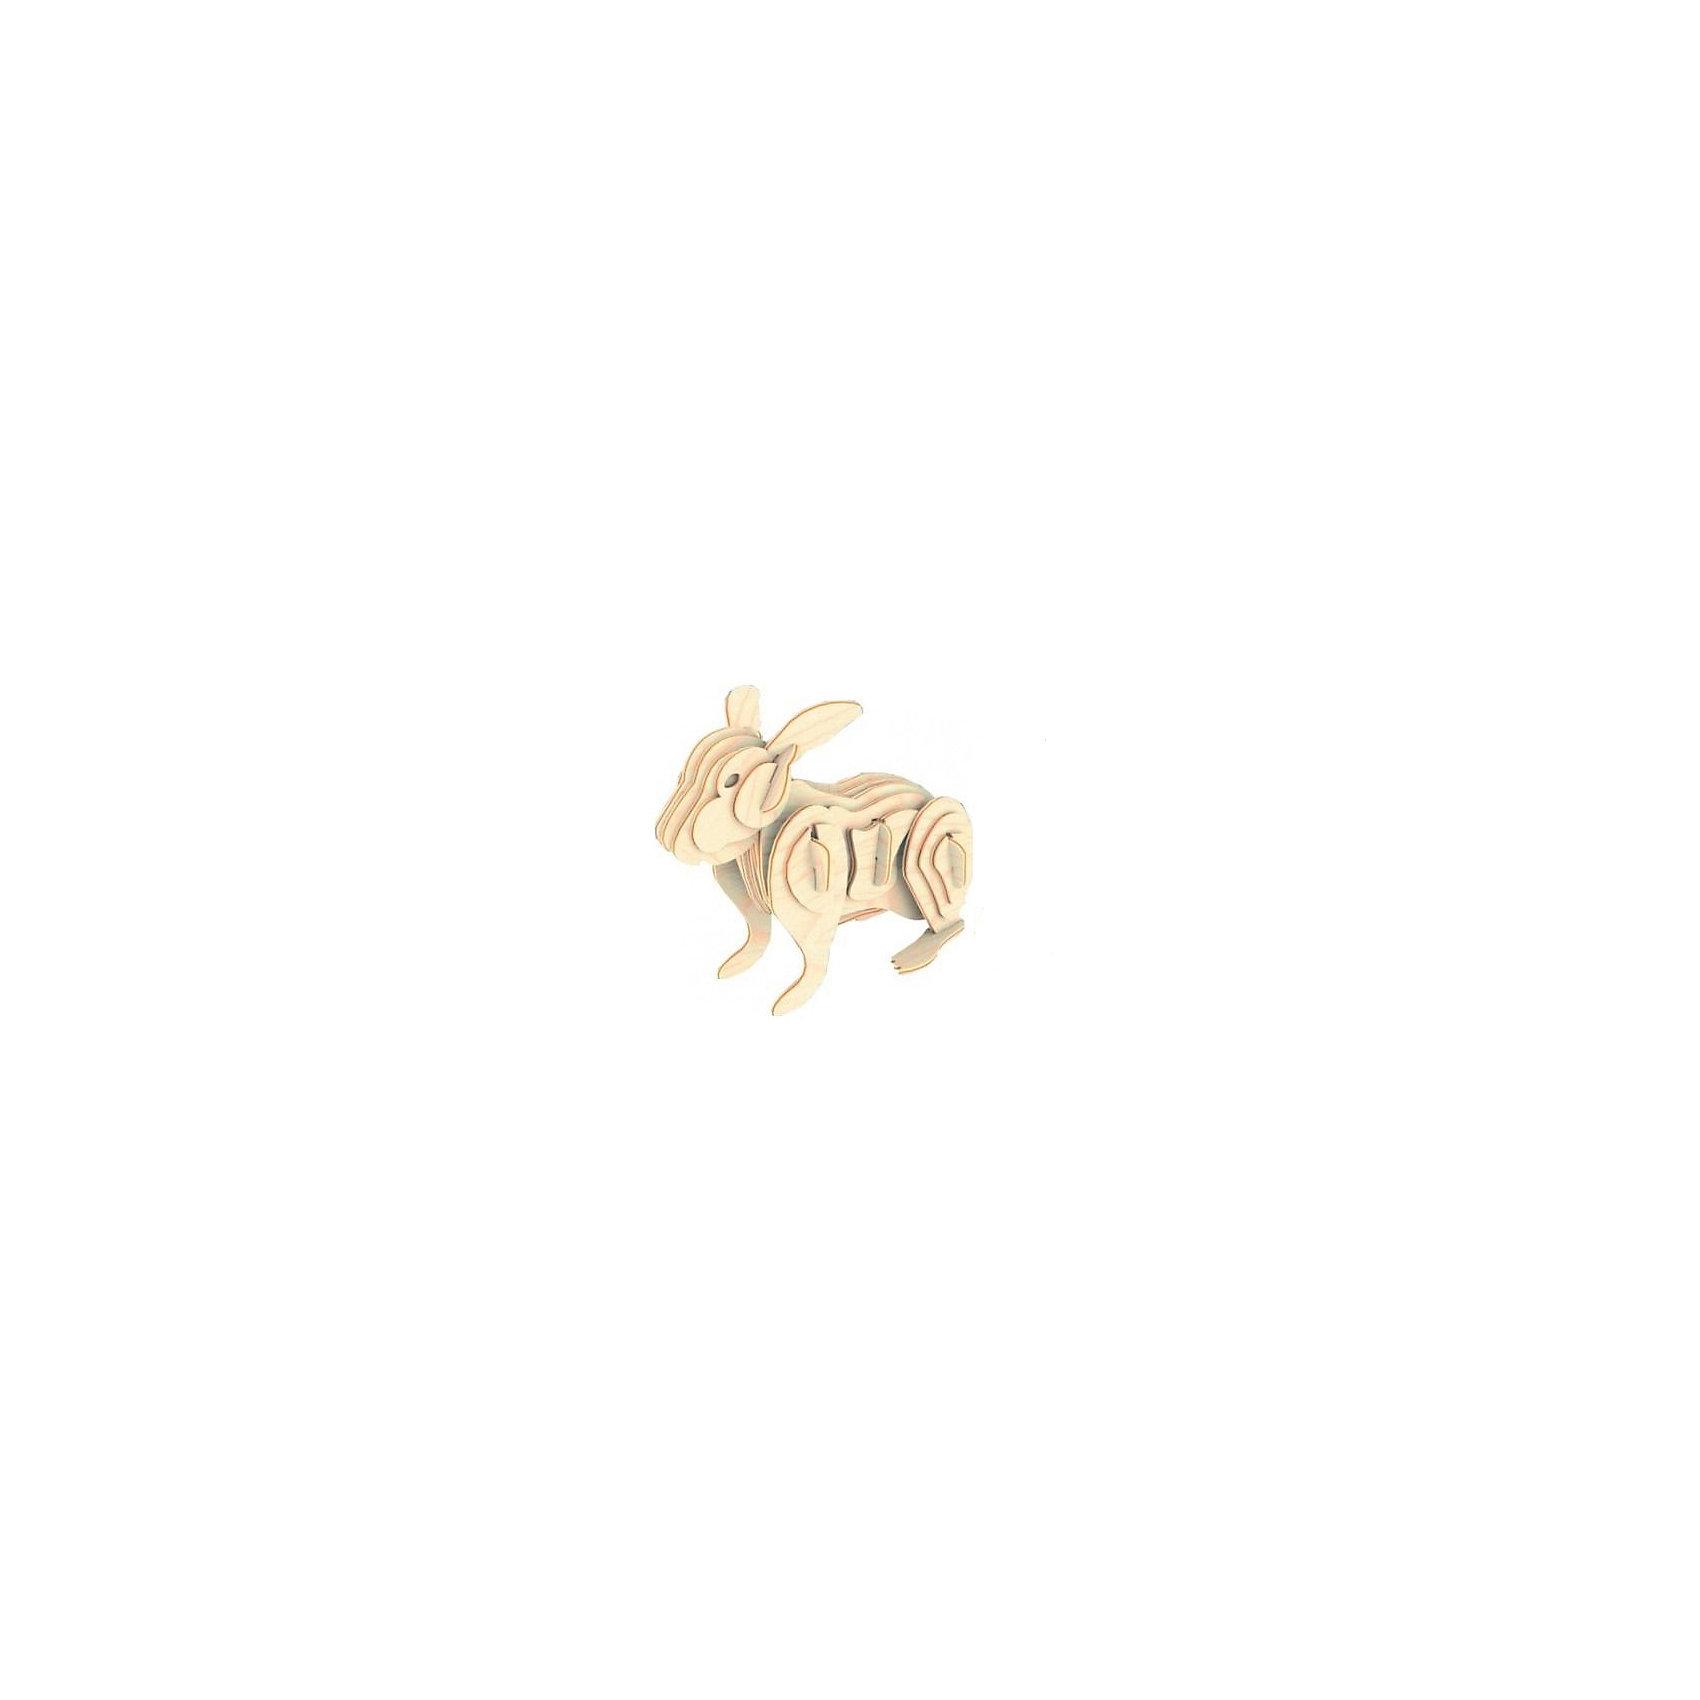 Кролик (серия М), Мир деревянных игрушекОтличный вариант подарка для творческого ребенка - этот набор, из которого можно самому сделать красивую деревянную фигуру! Специально для любящих творчество и интересующихся животным миром были разработаны эти 3D-пазлы. Из них получаются красивые очень реалистичные фигуры, которые могут стать украшением комнаты. Для этого нужно выдавить из пластины с деталями элементы для сборки и соединить их. <br>Собирая их, ребенок будет учиться соотносить фигуры, развивать пространственное мышление, память и мелкую моторику. А раскрашивая готовое произведение, дети научатся подбирать цвета и будут развивать художественные навыки. Этот набор произведен из качественных и безопасных для детей материалов - дерево тщательно обработано.<br><br>Дополнительная информация:<br><br>материал: дерево;<br>цвет: бежевый;<br>элементы: пластины с деталями для сборки;<br>размер упаковки: 23 х 18 см.<br><br>3D-пазл Кролик (серия М) от бренда Мир деревянных игрушек можно купить в нашем магазине.<br><br>Ширина мм: 225<br>Глубина мм: 30<br>Высота мм: 180<br>Вес г: 450<br>Возраст от месяцев: 36<br>Возраст до месяцев: 144<br>Пол: Унисекс<br>Возраст: Детский<br>SKU: 4969061